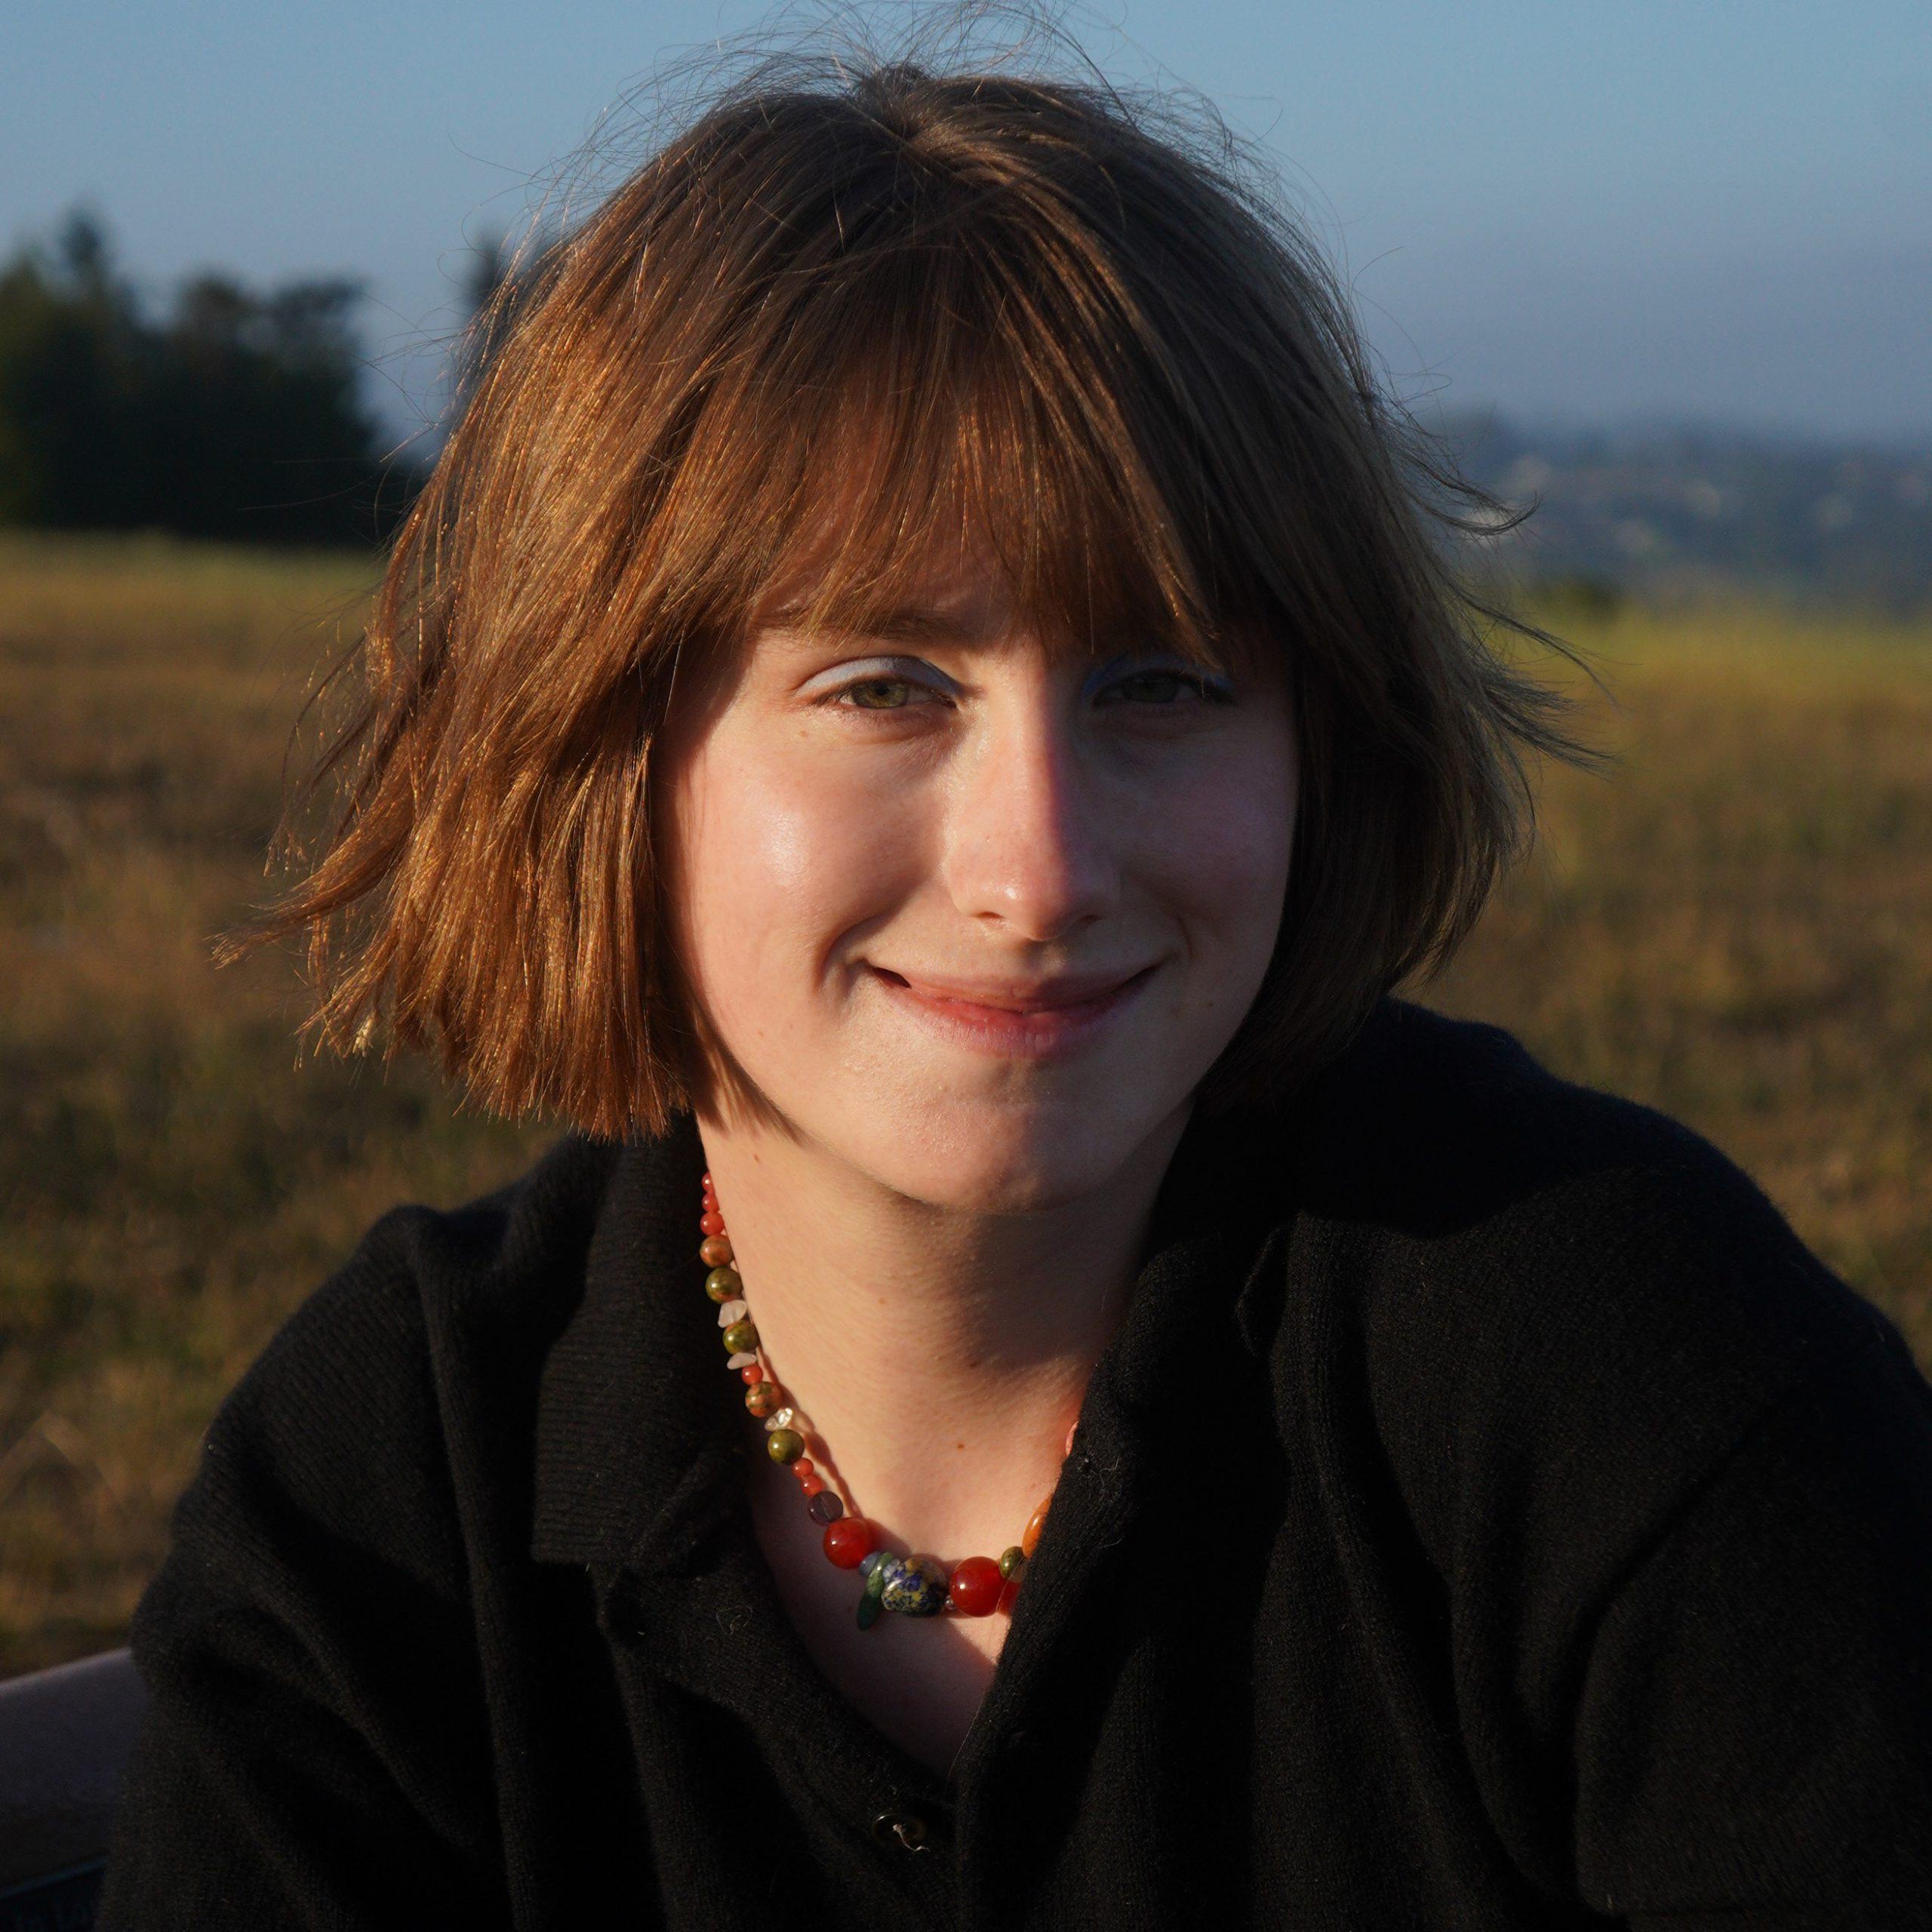 Portrait of Edie Trautwein